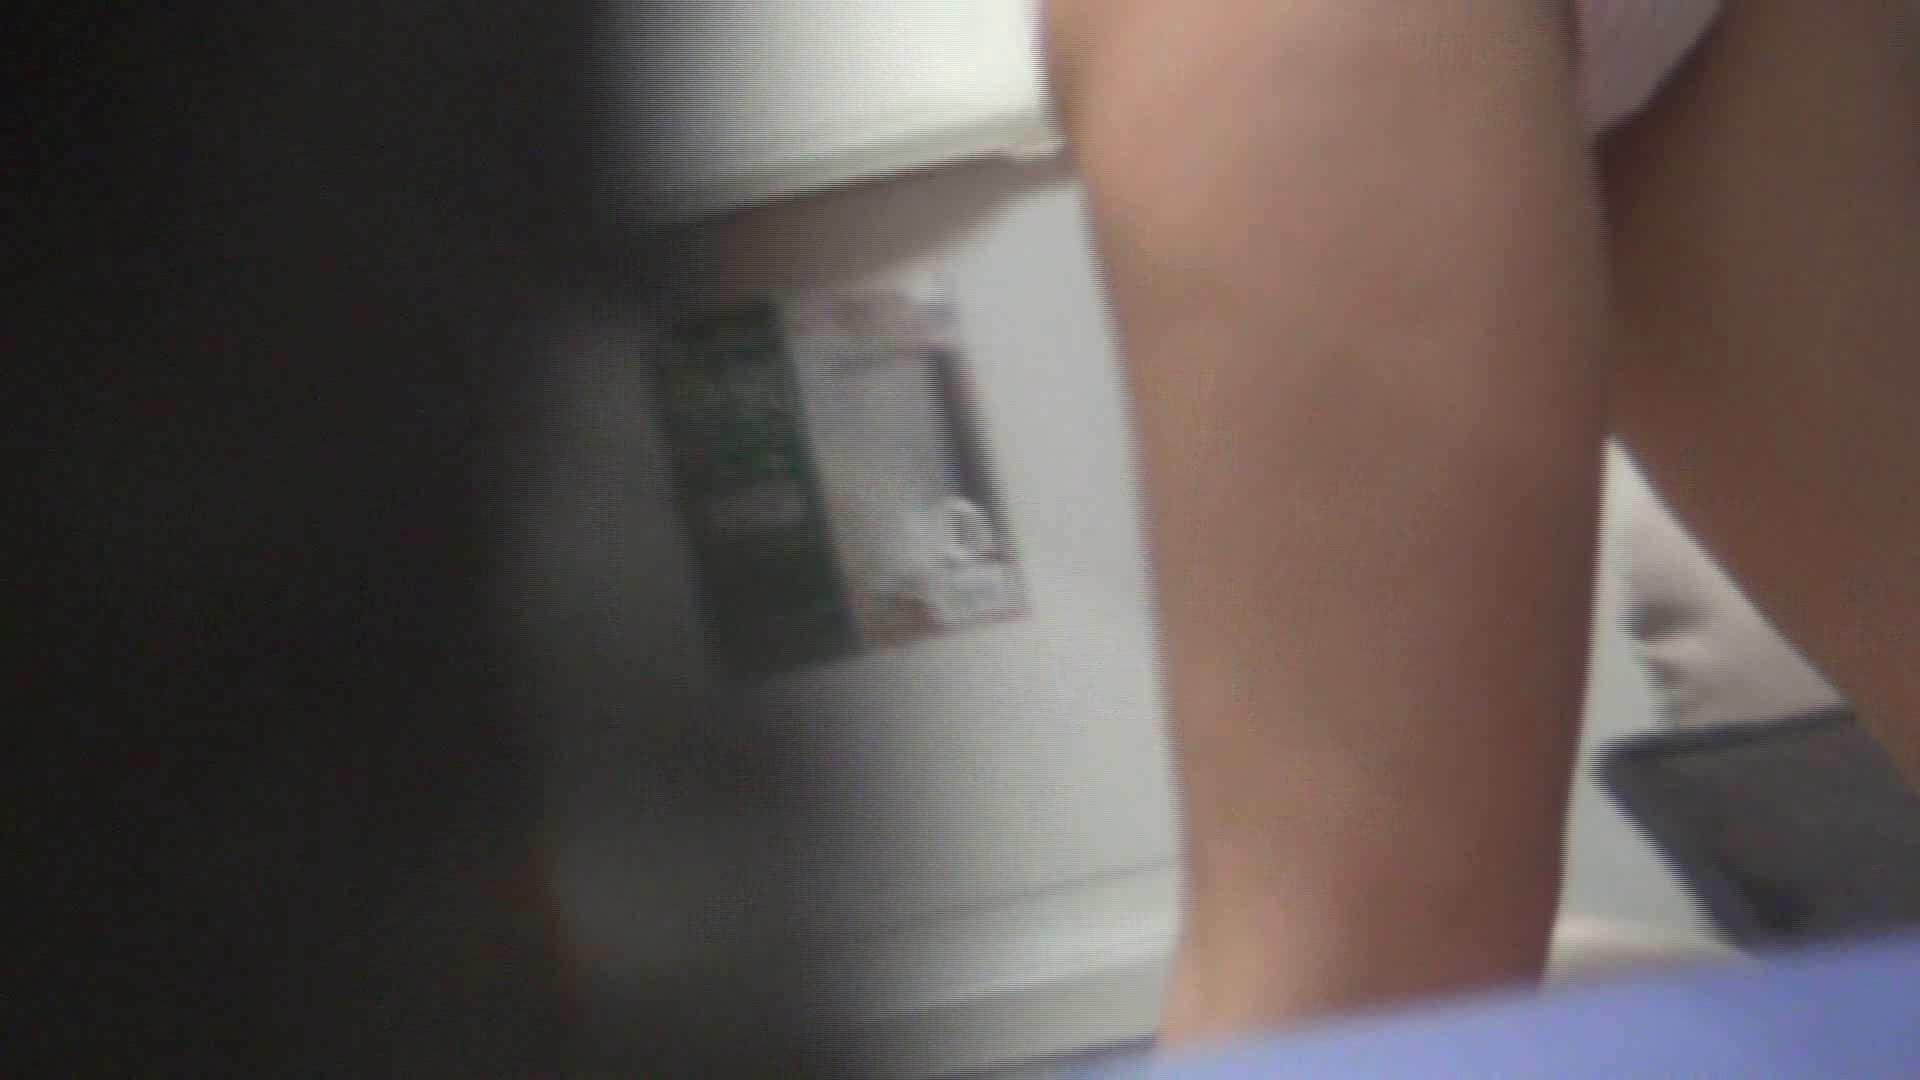 【05】仕事が忙しくて・・・久しぶりにベランダで待ち伏せ マンコ・ムレムレ すけべAV動画紹介 94pic 3